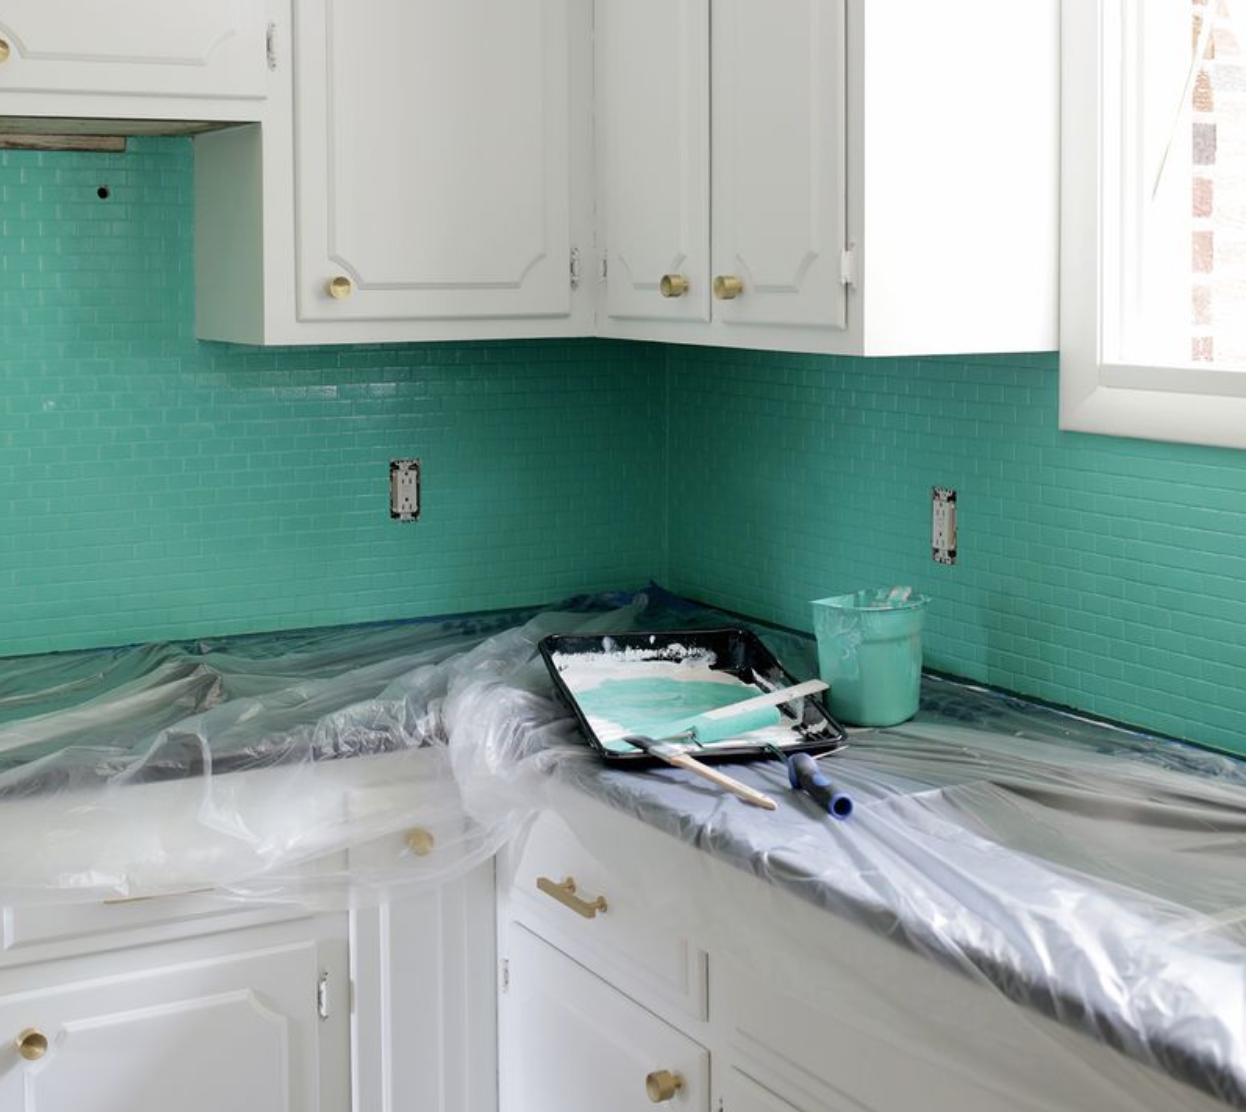 - How To Paint Tile - Best Paint For Tile Backsplash